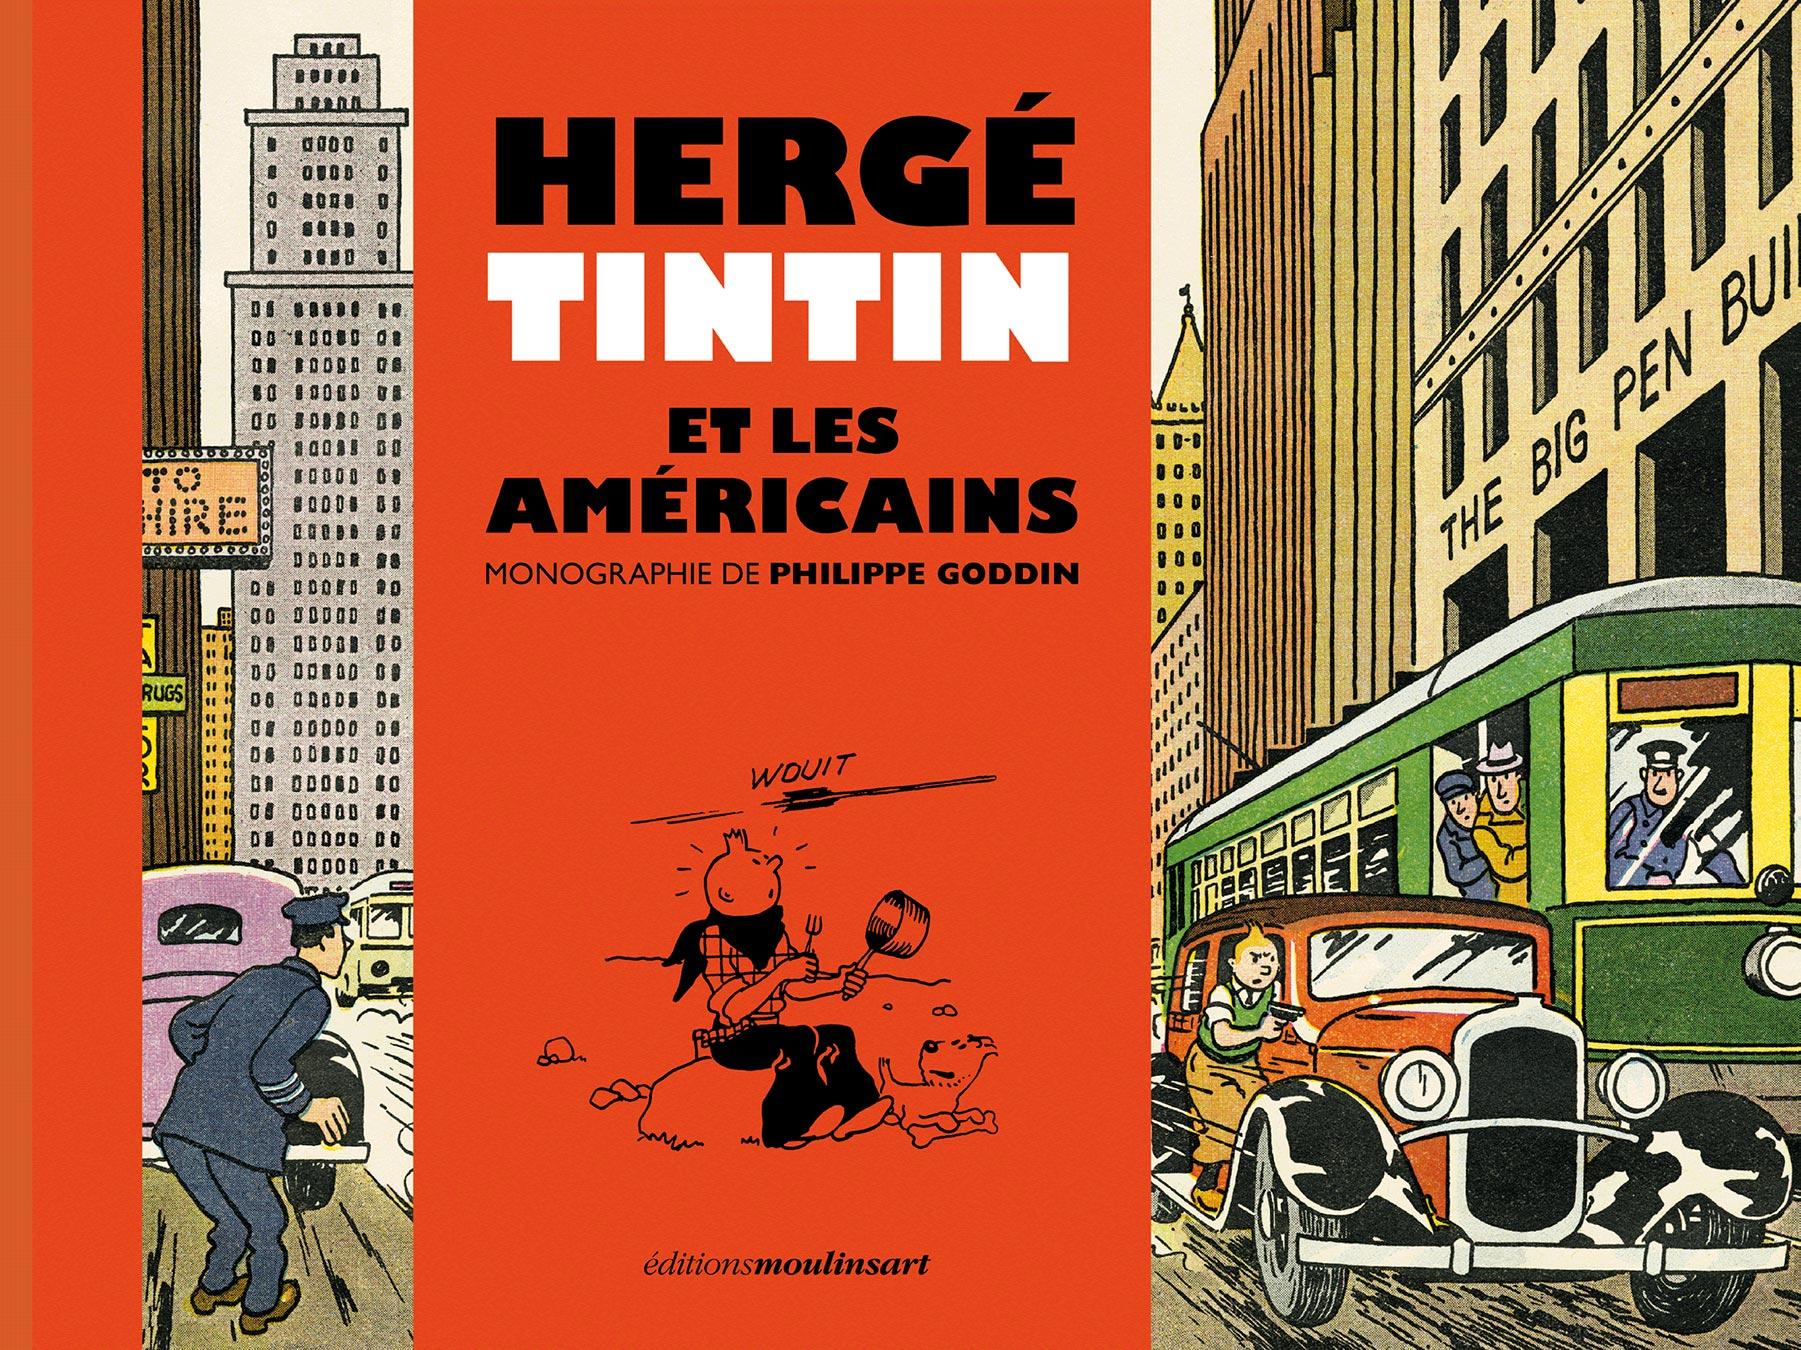 Couverture de Hergé, Tintin et les Américains par Philippe Goddin